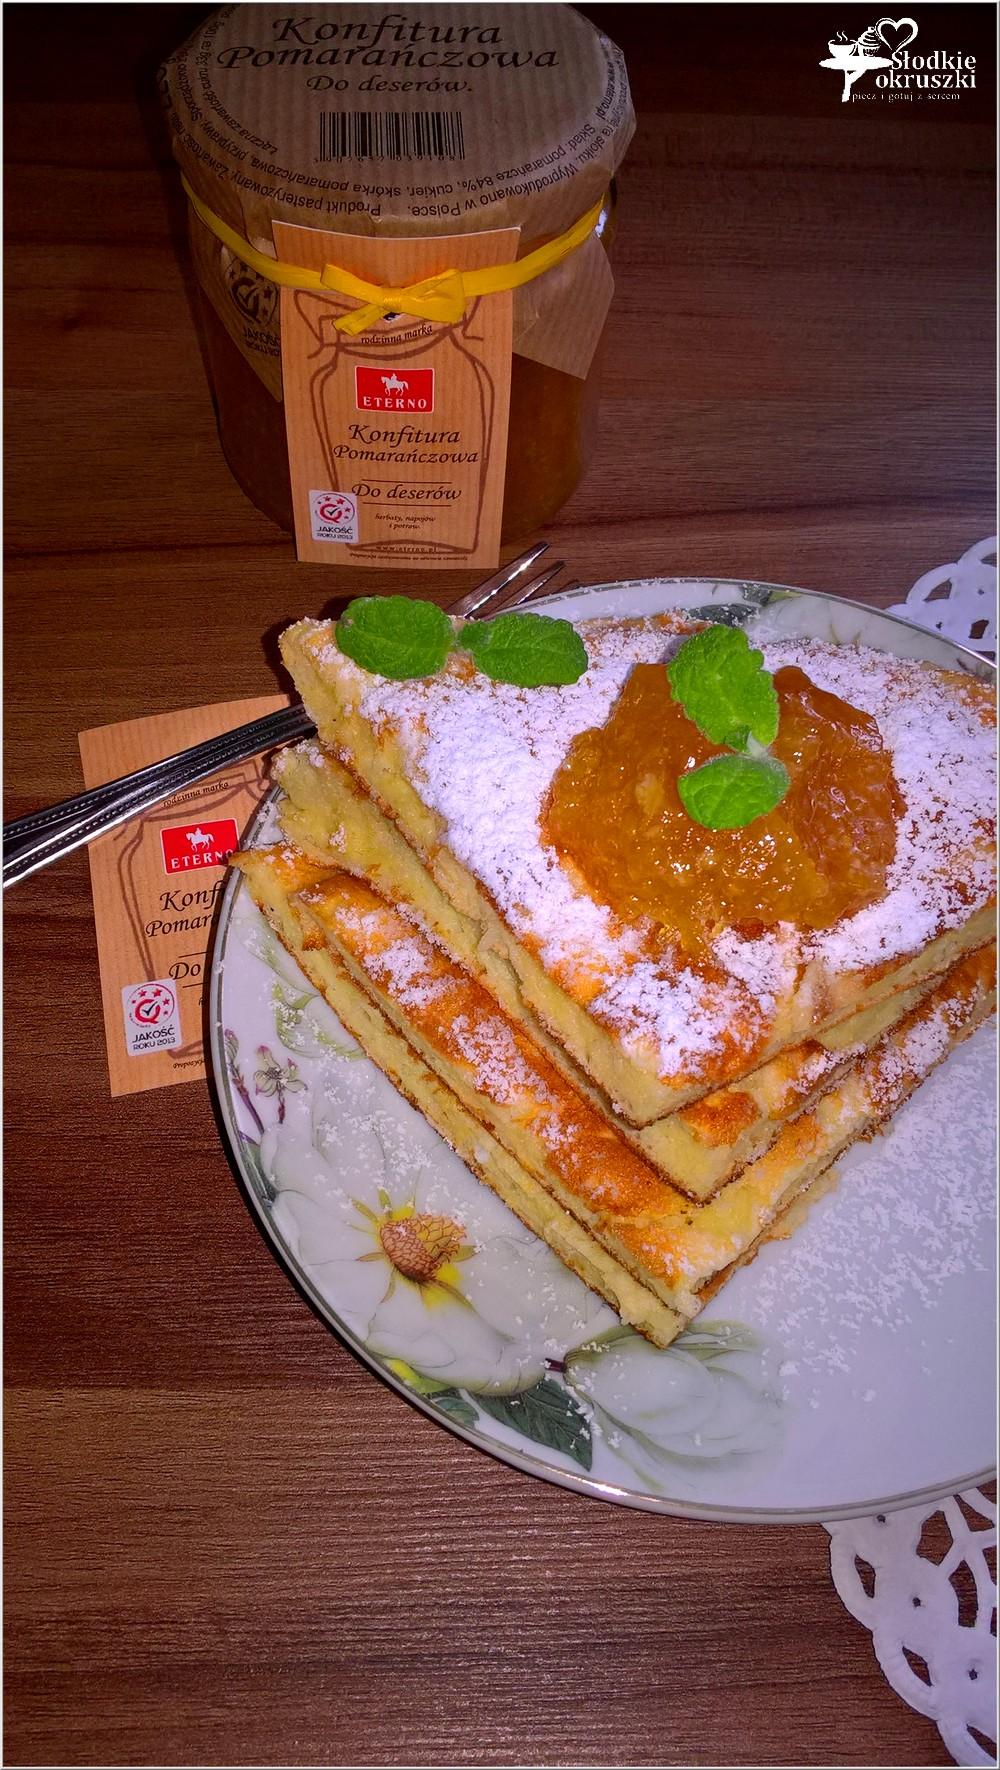 Waniliowo-serowy omlet z konfiturą pomarańczową (3)